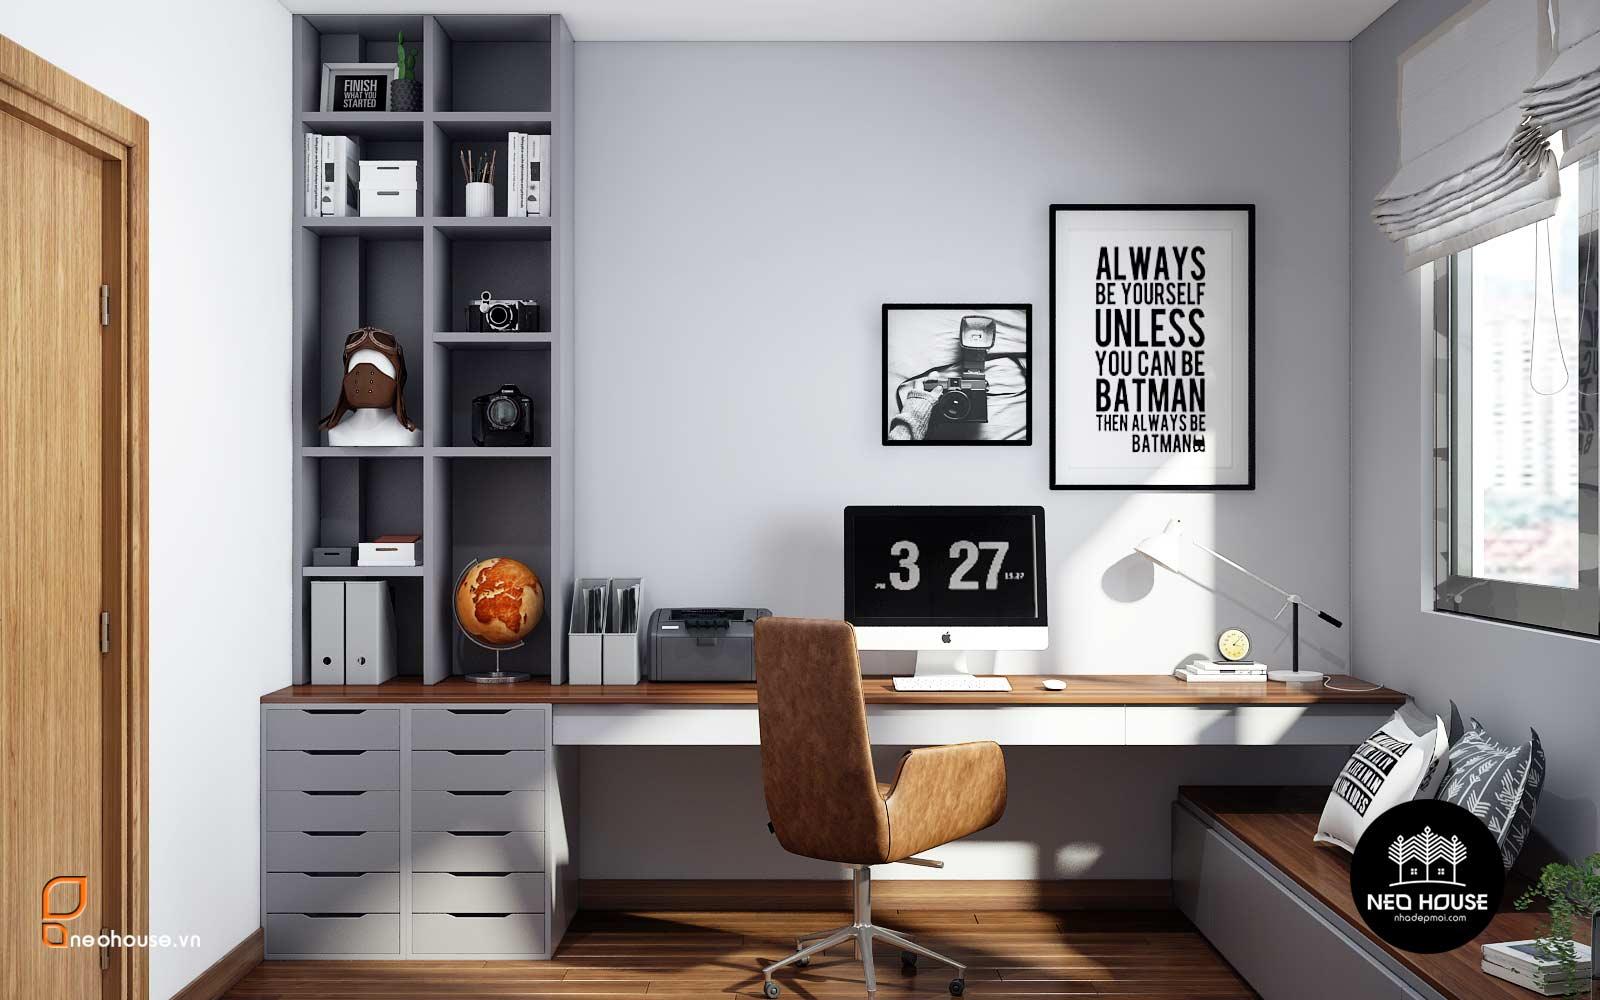 10 Mẫu Thiết Kế Nội Thất Phòng Làm Việc Kết Hợp Phòng Ngủ 2021